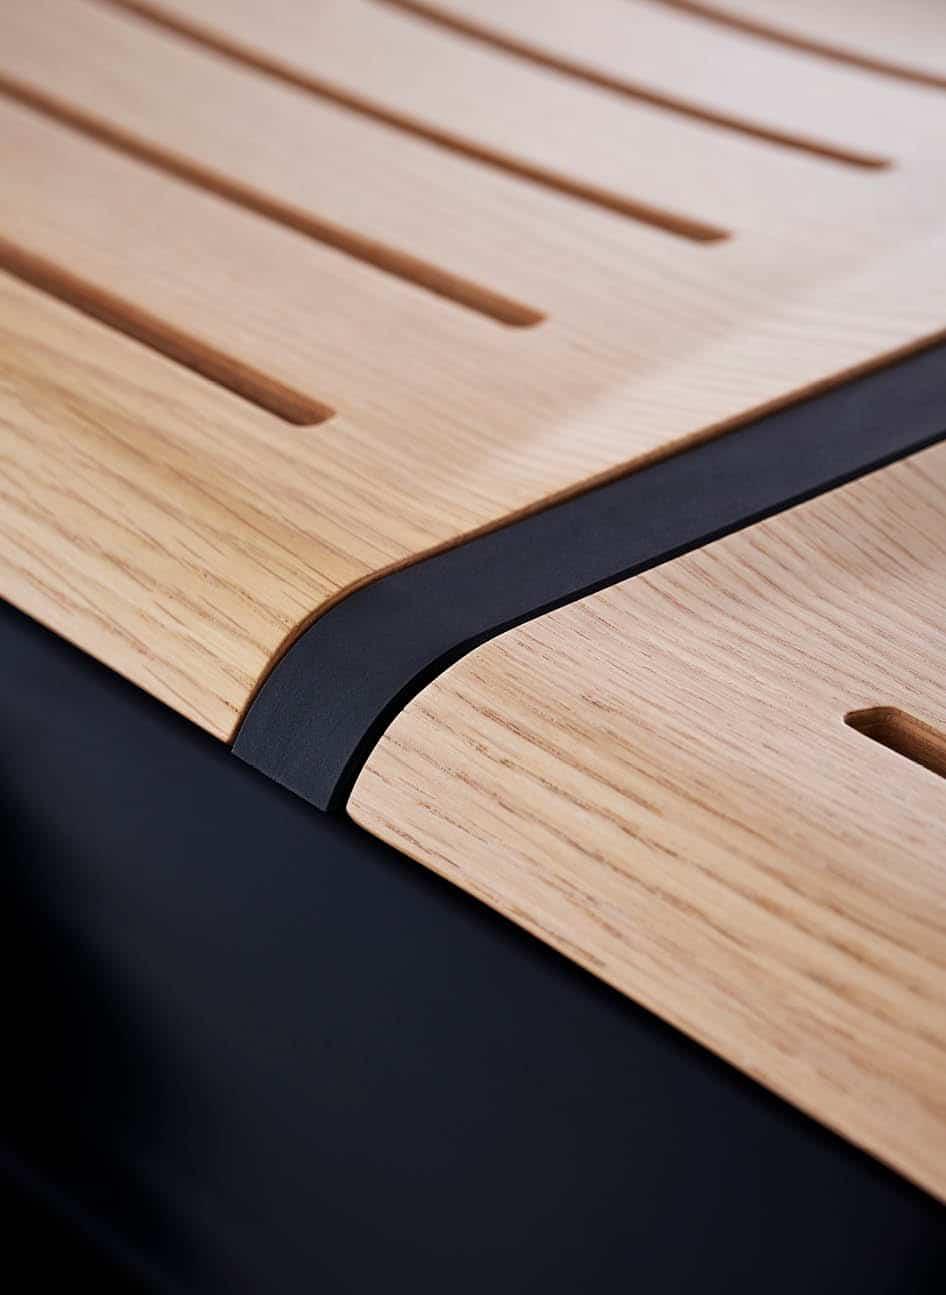 Detail zu Aussparungen in Holz-Sitz